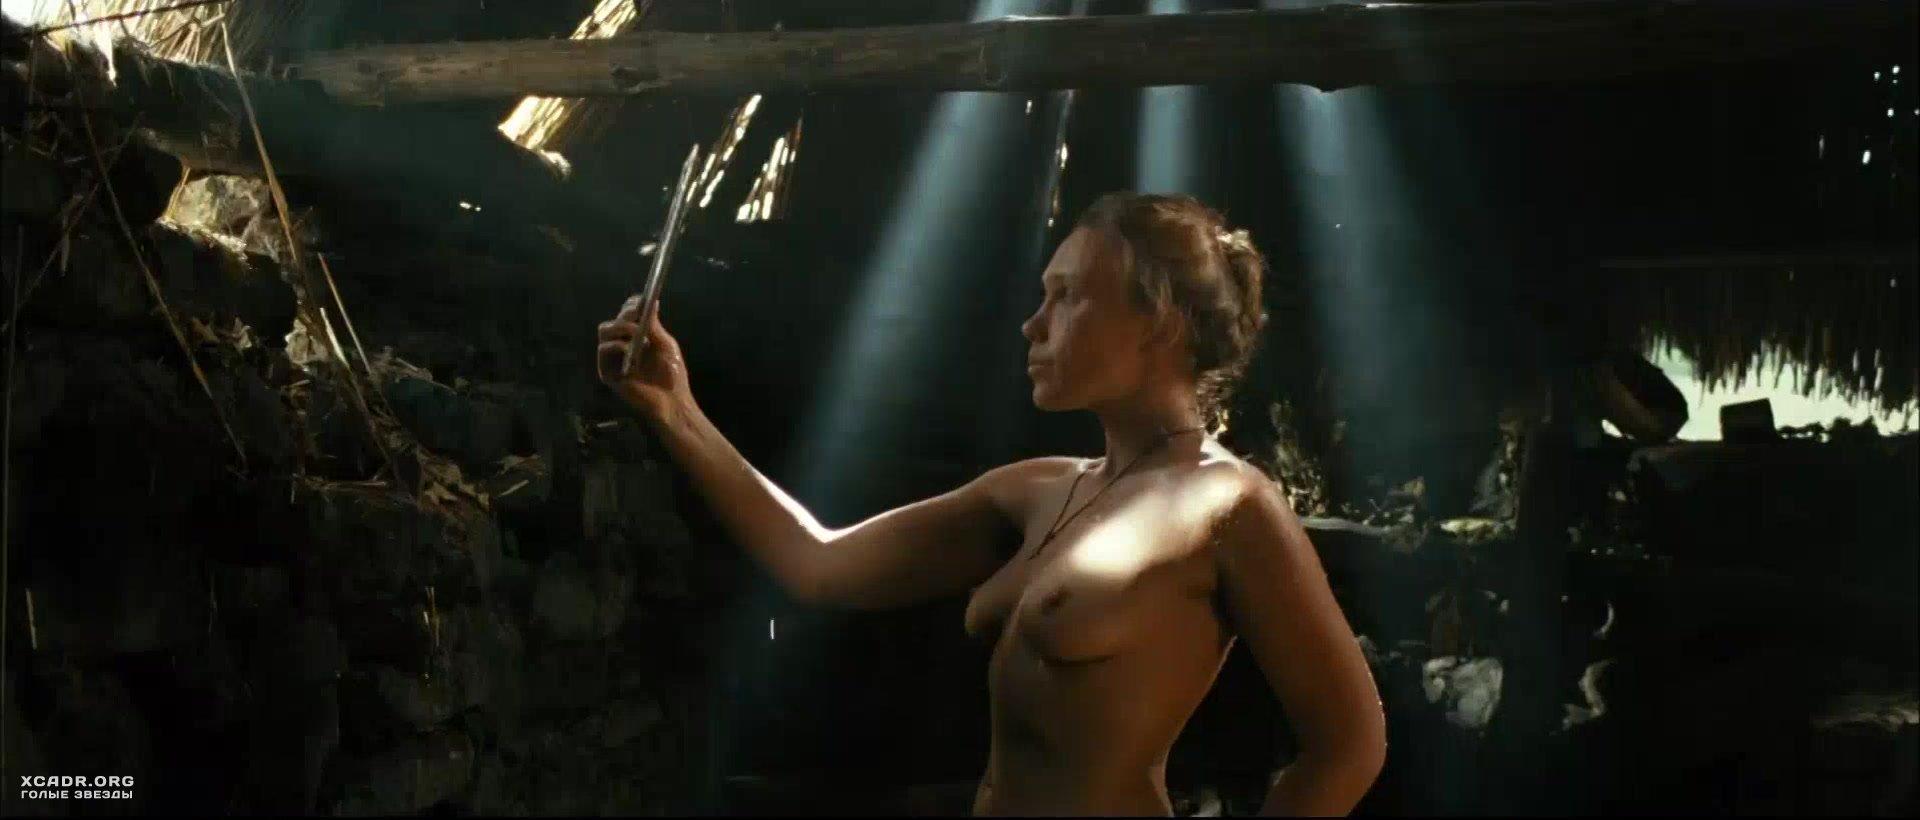 obnazhennie-stseni-iz-rossiyskogo-filma-morskie-priklyucheniya-pryamo-matku-porno